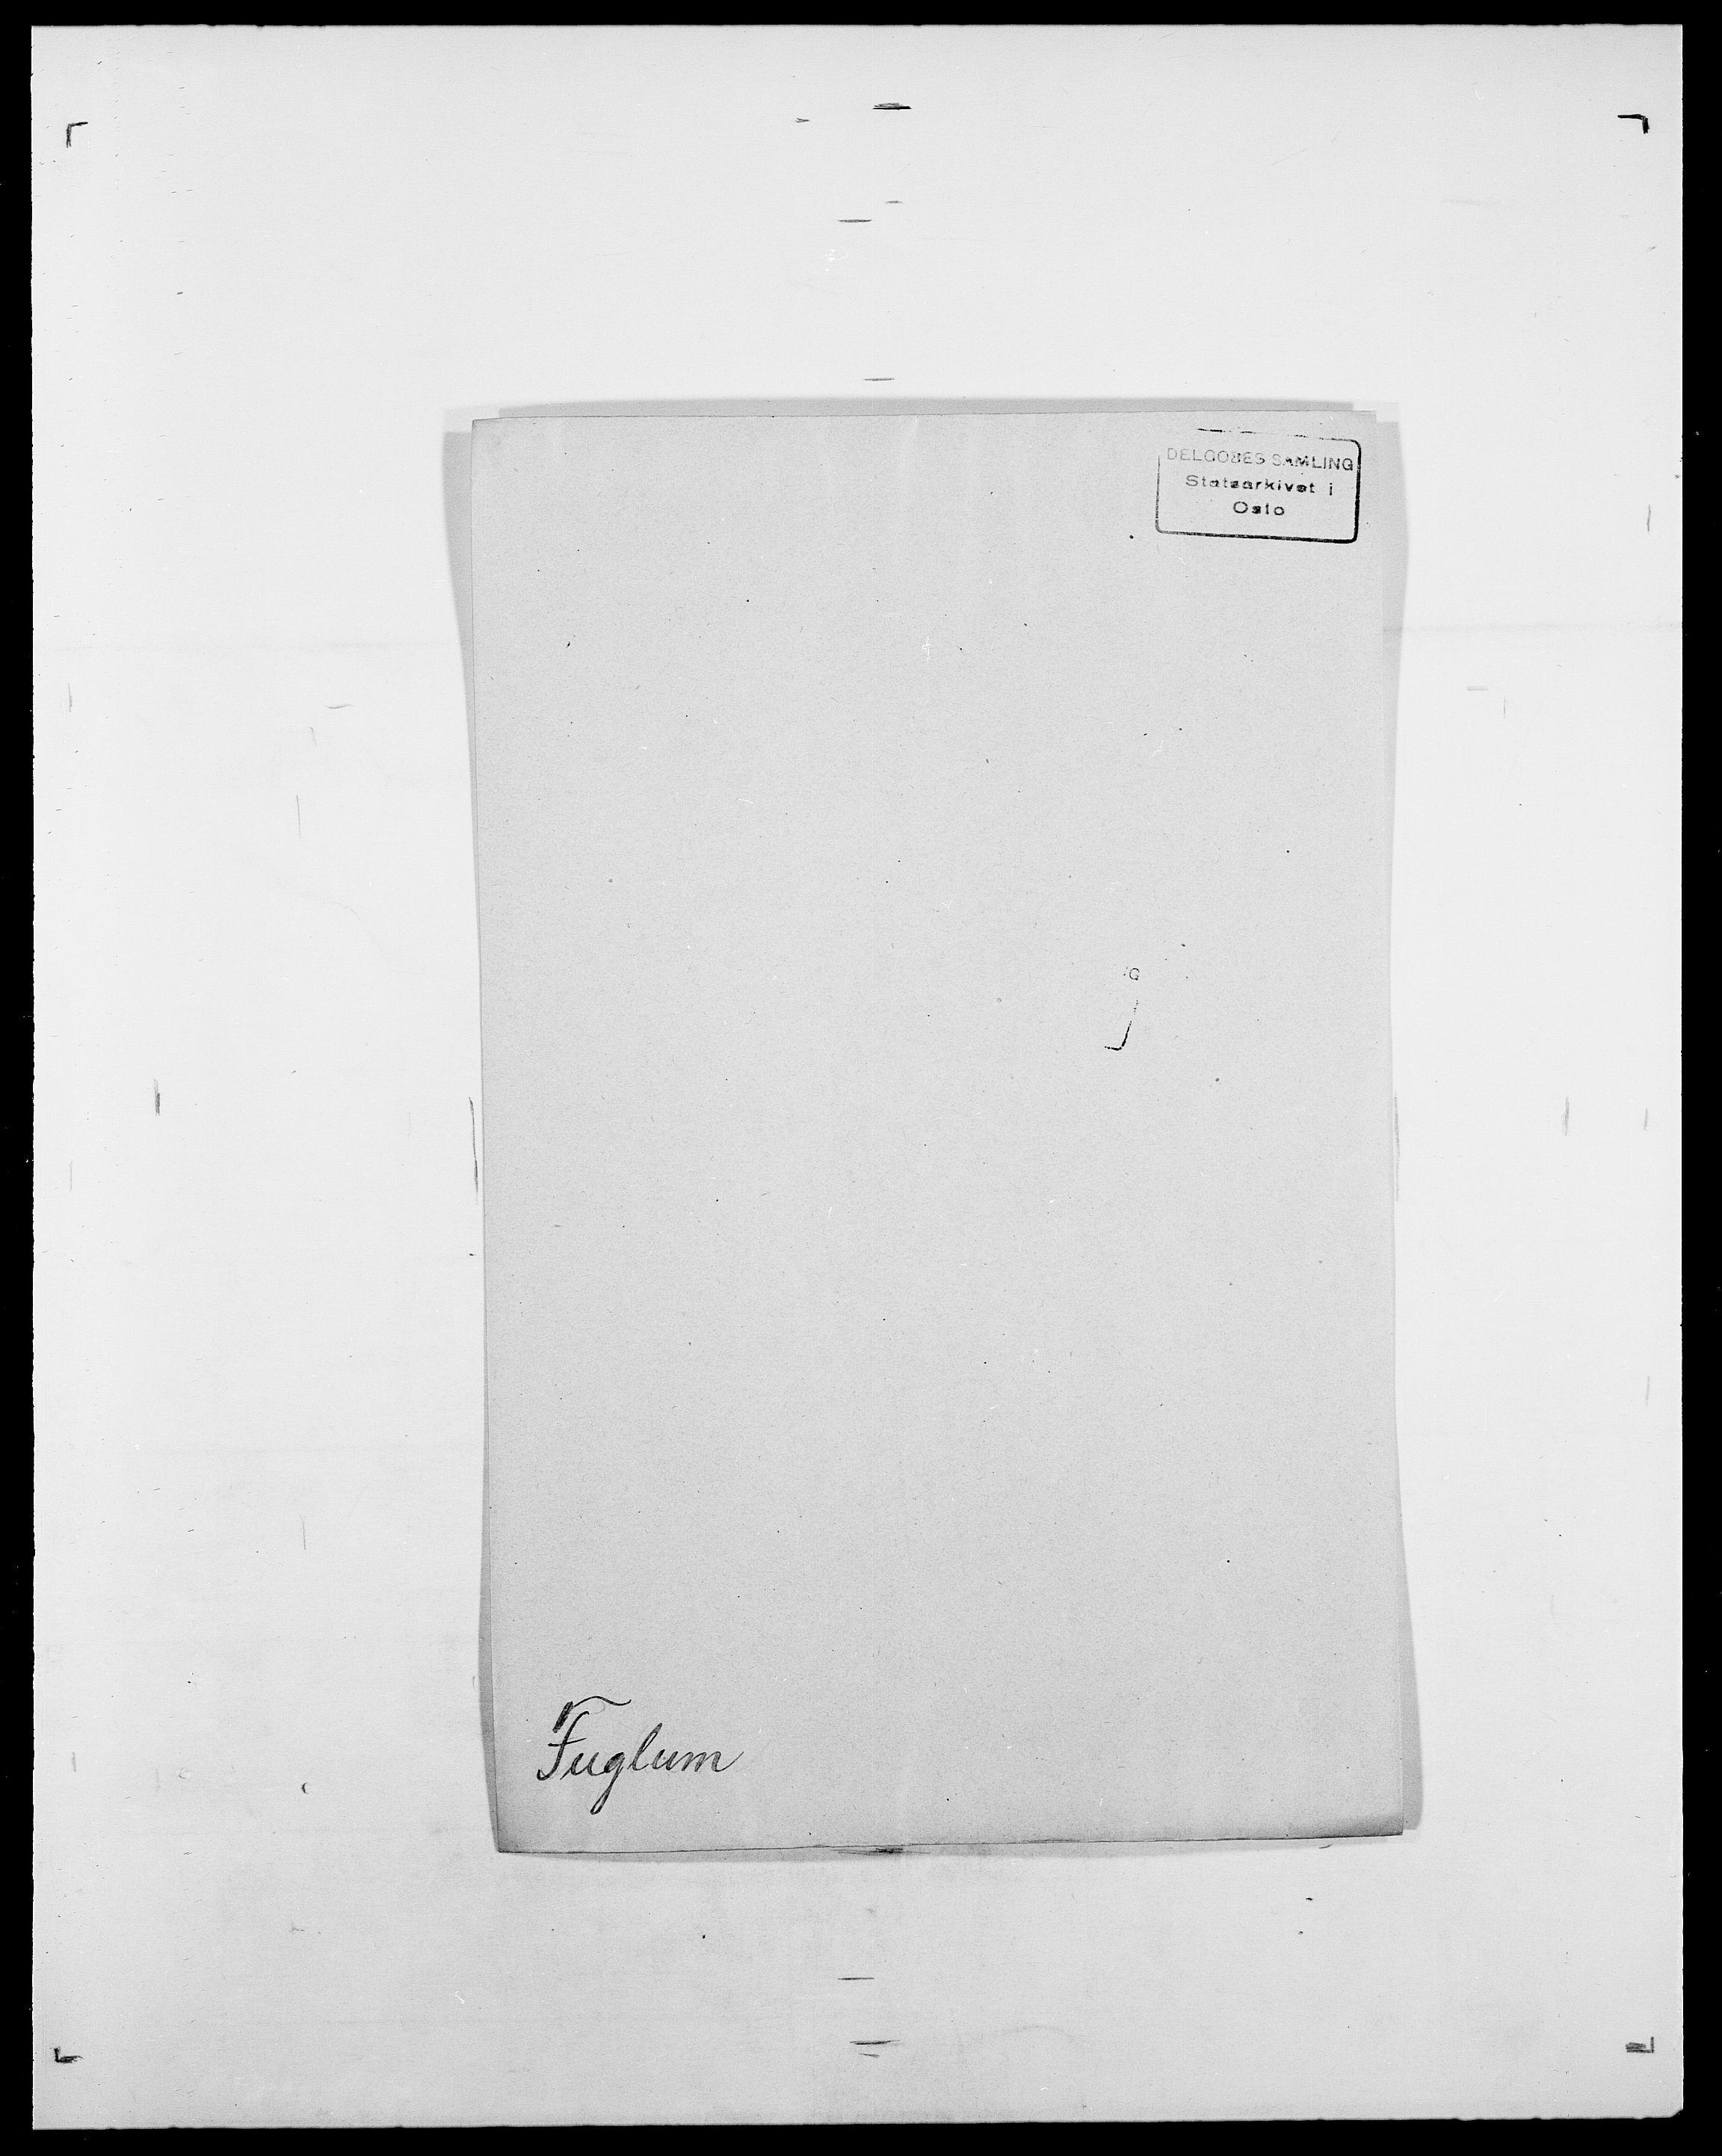 SAO, Delgobe, Charles Antoine - samling, D/Da/L0013: Forbos - Geving, s. 173